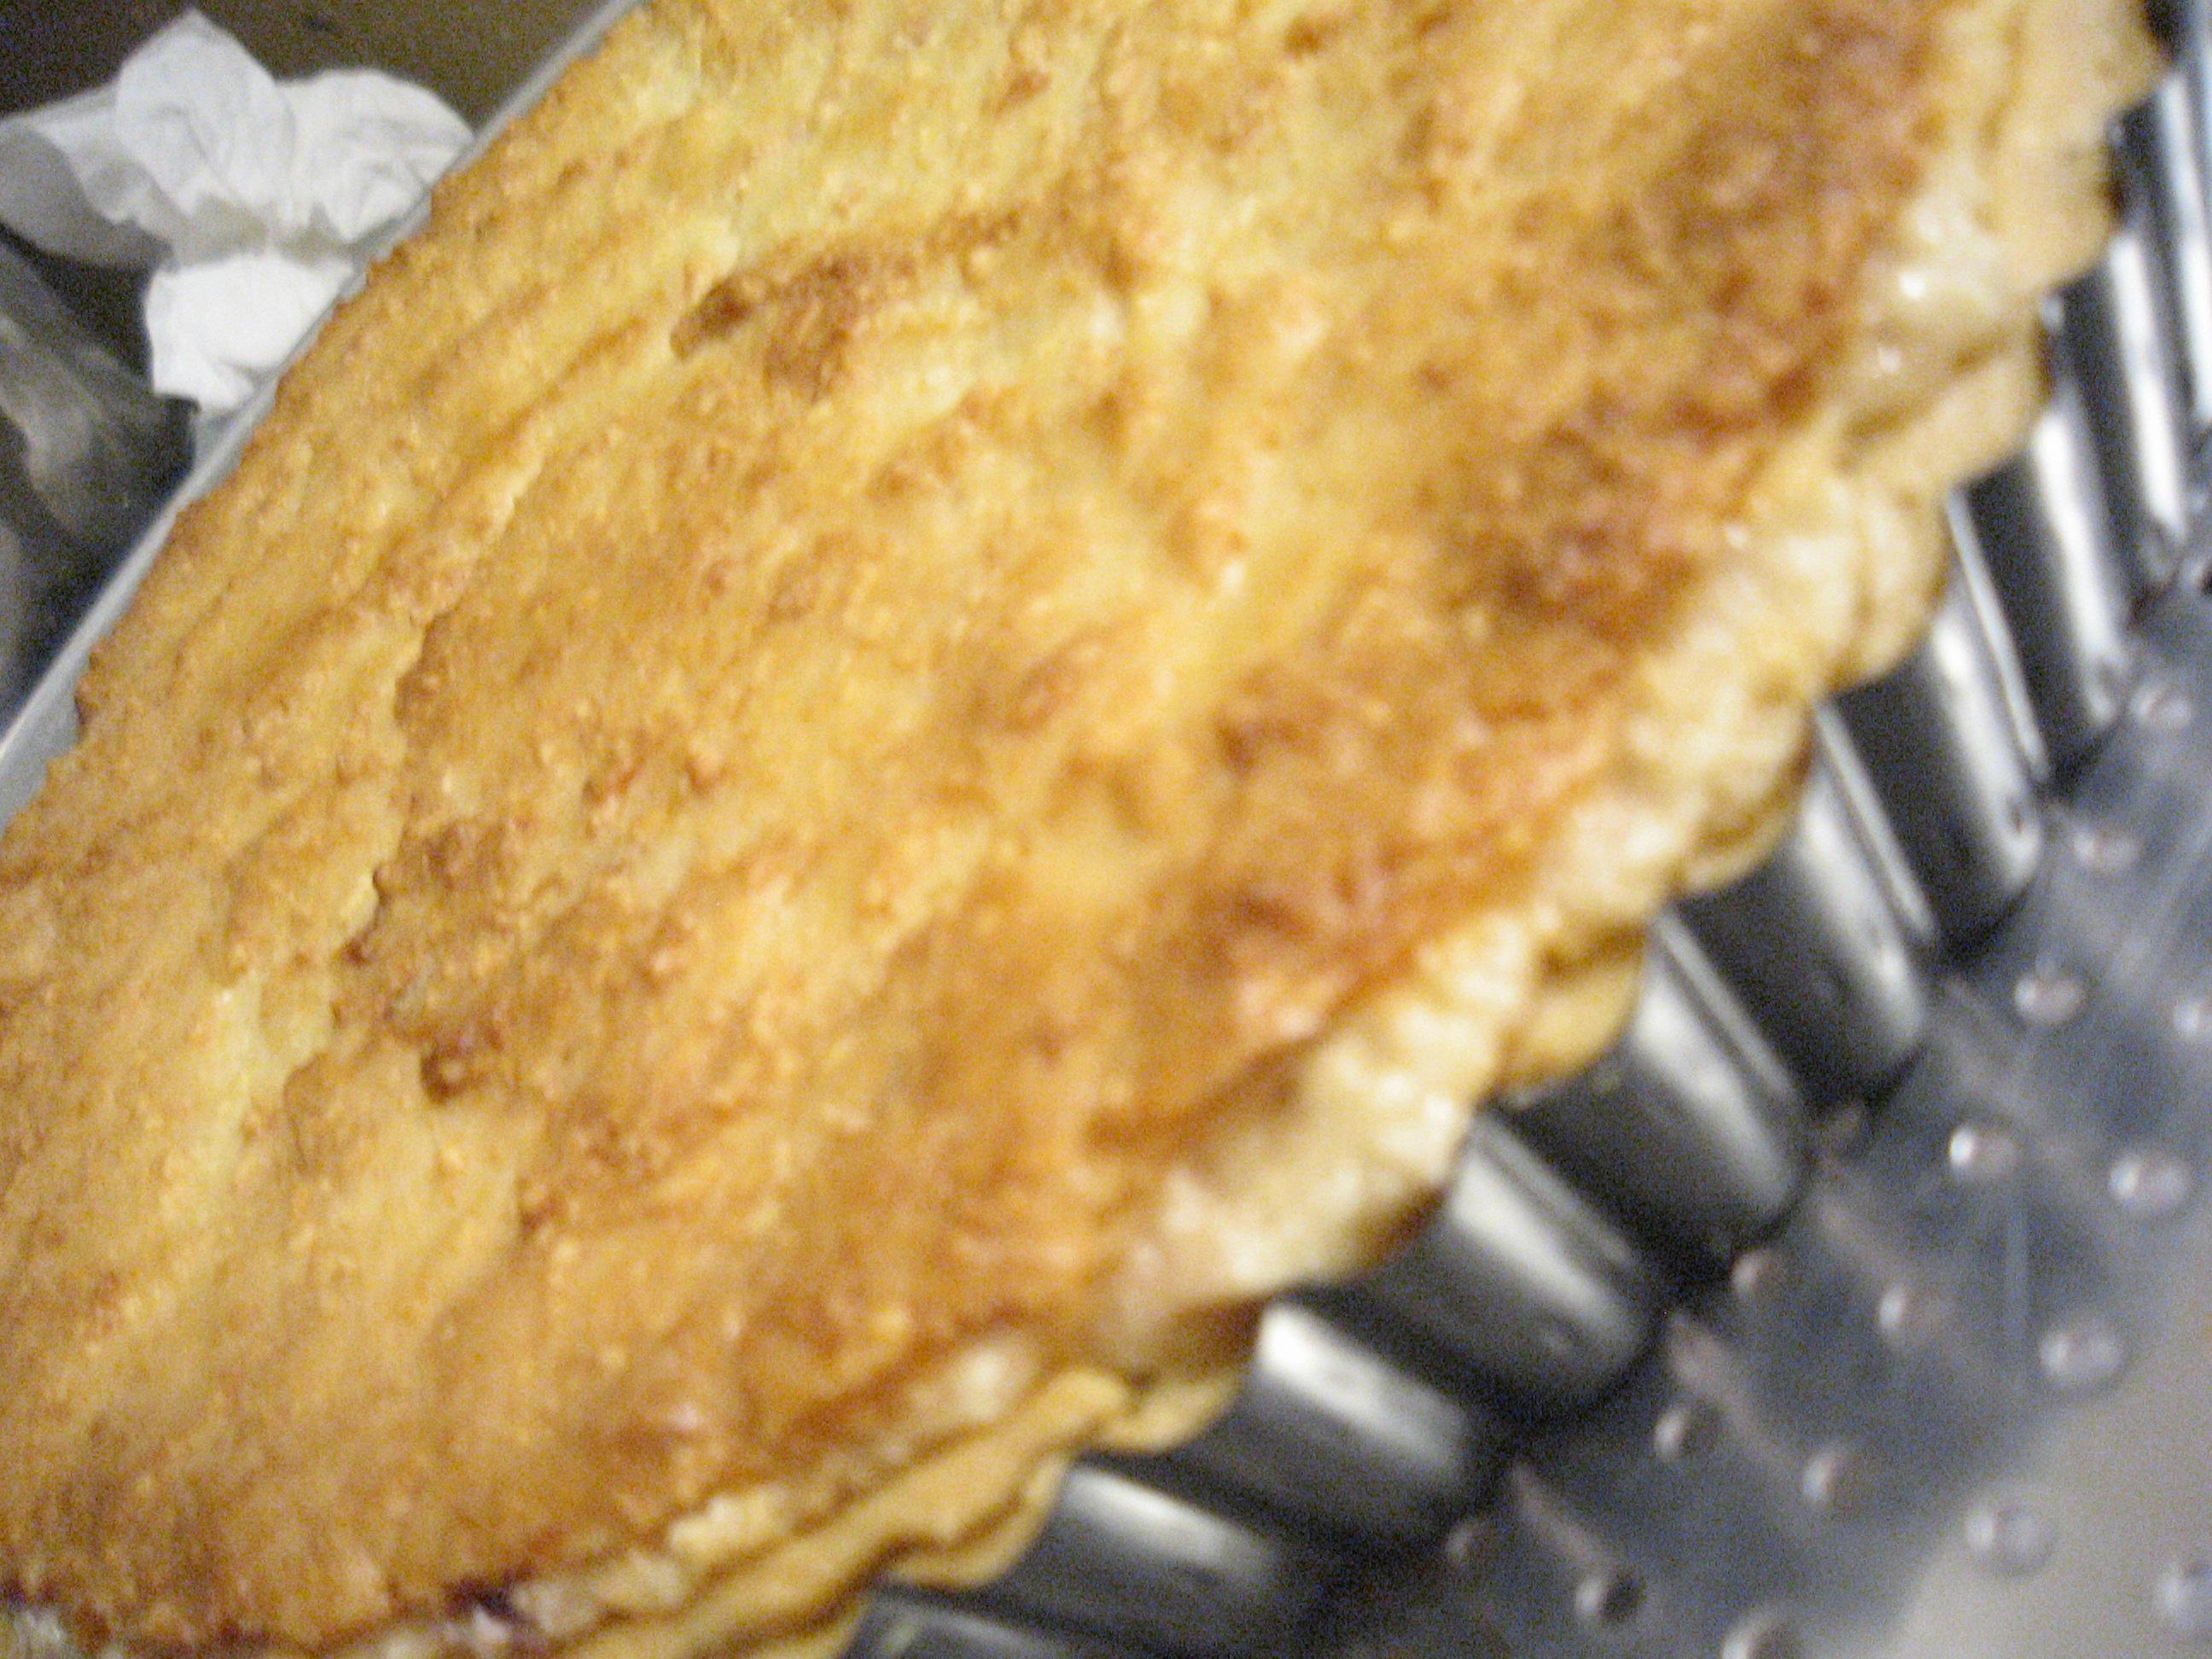 whole tart in pan